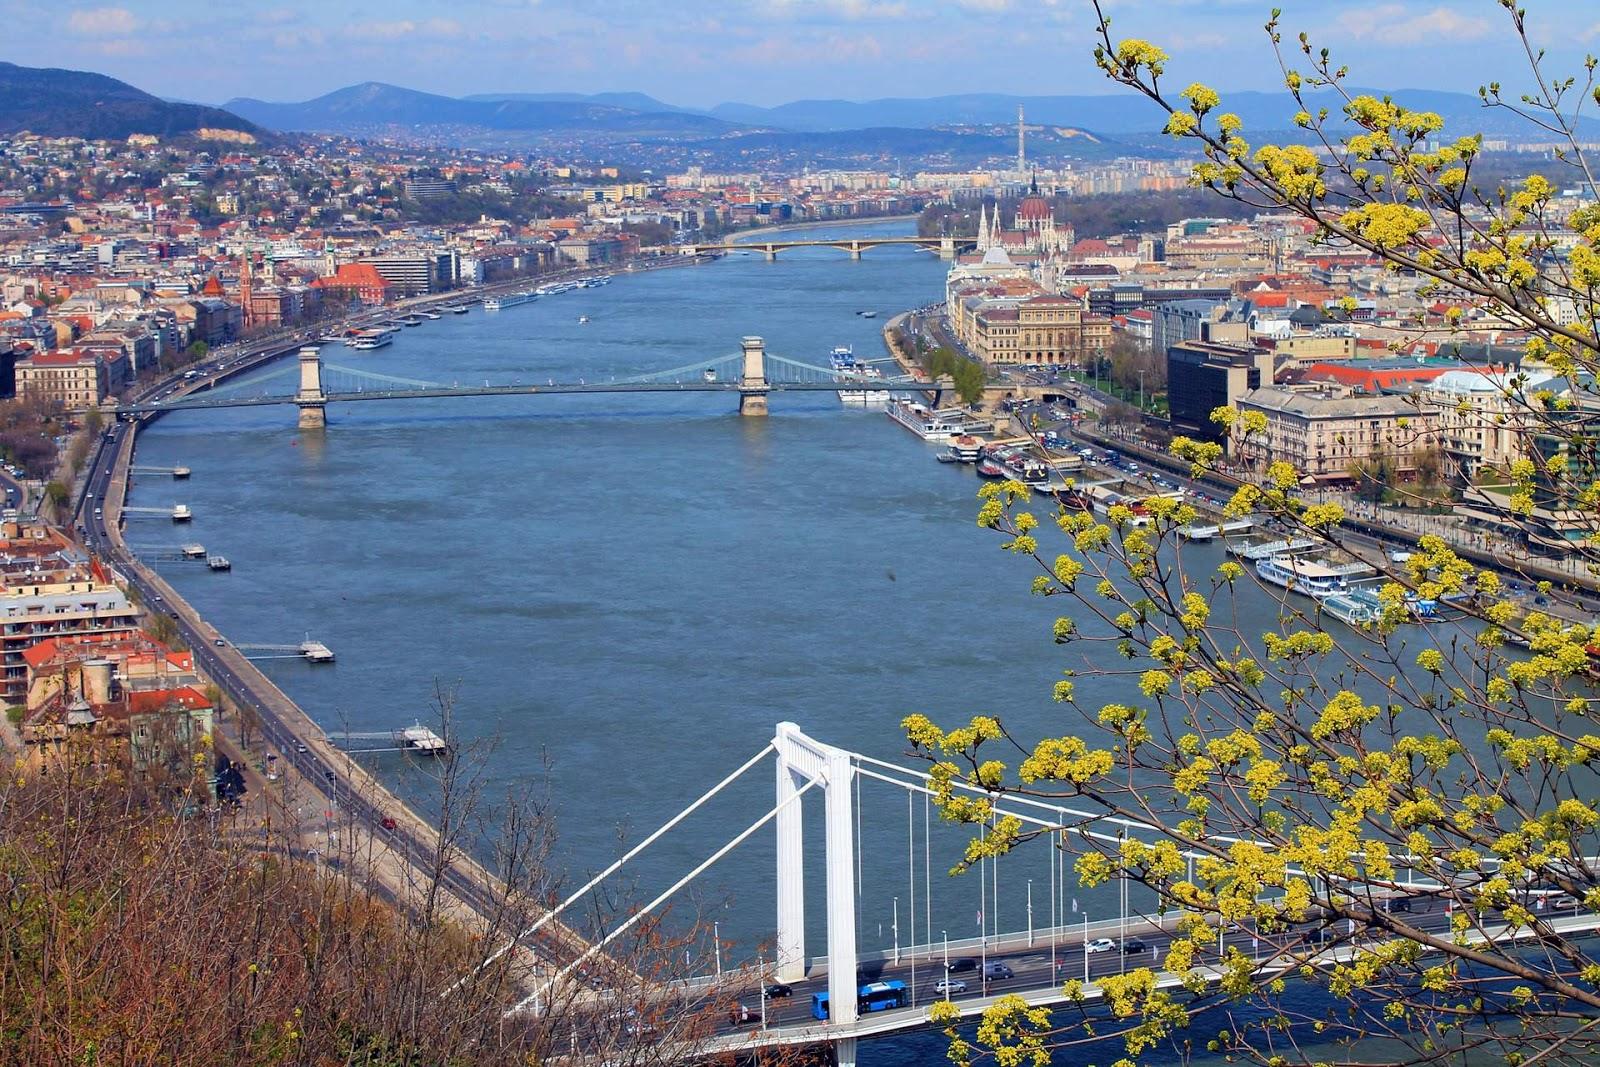 budimpešta-putovanja-travel